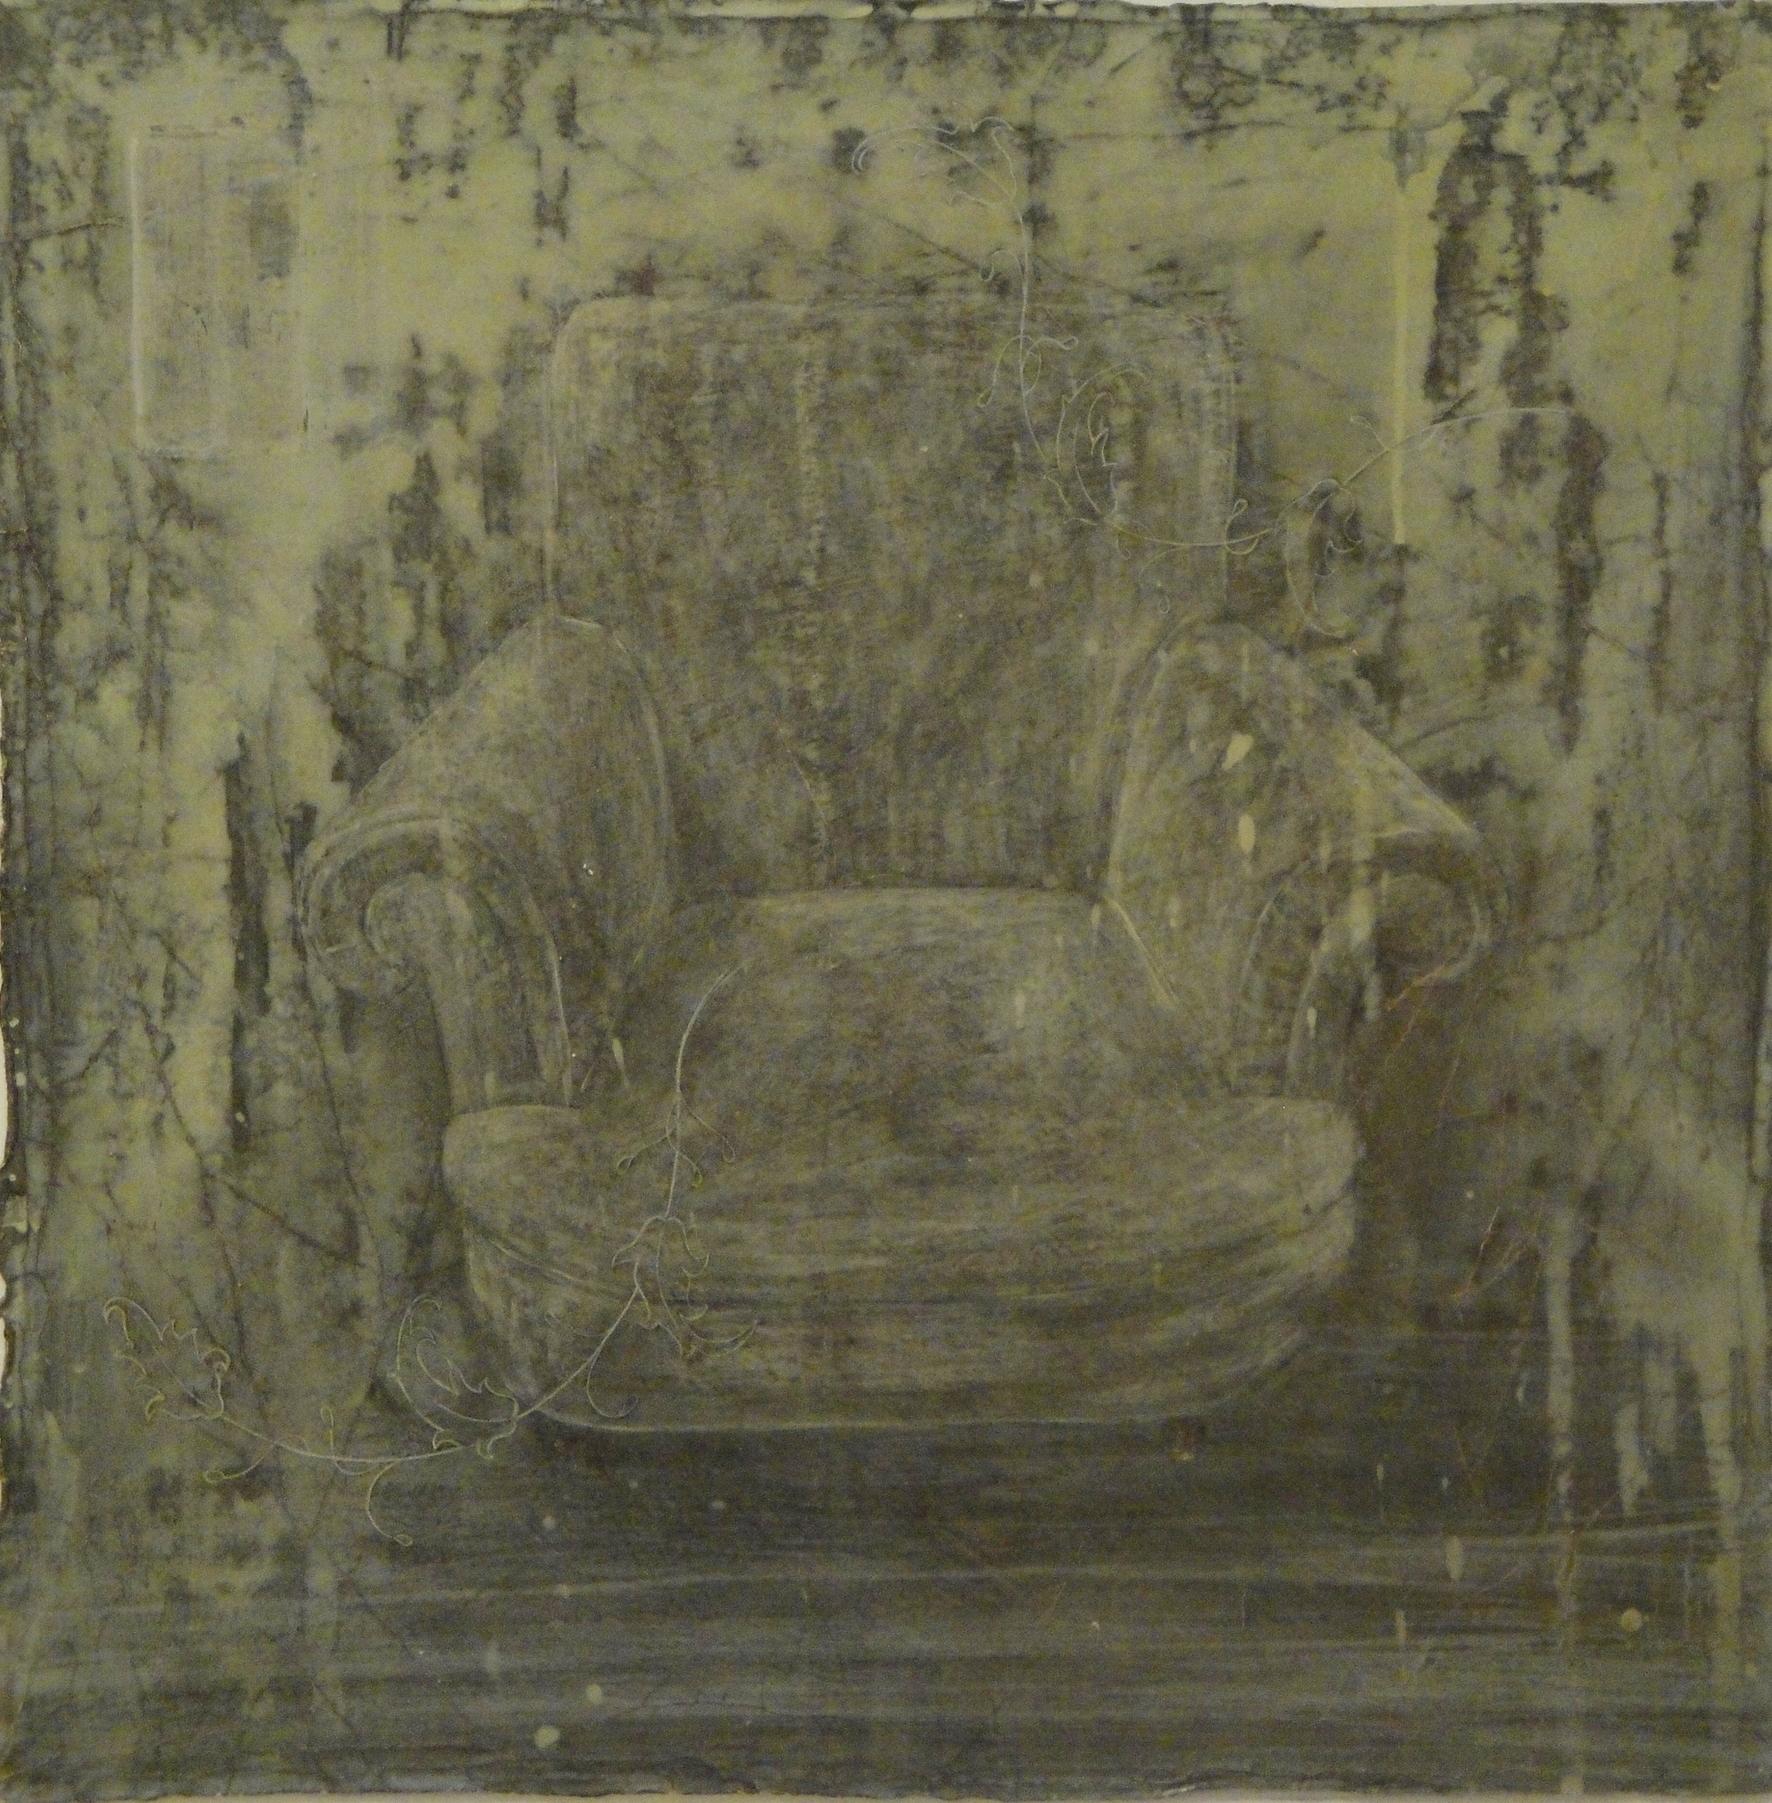 Chair I - egg tempera on gessoed cloth 51 x 51 cm